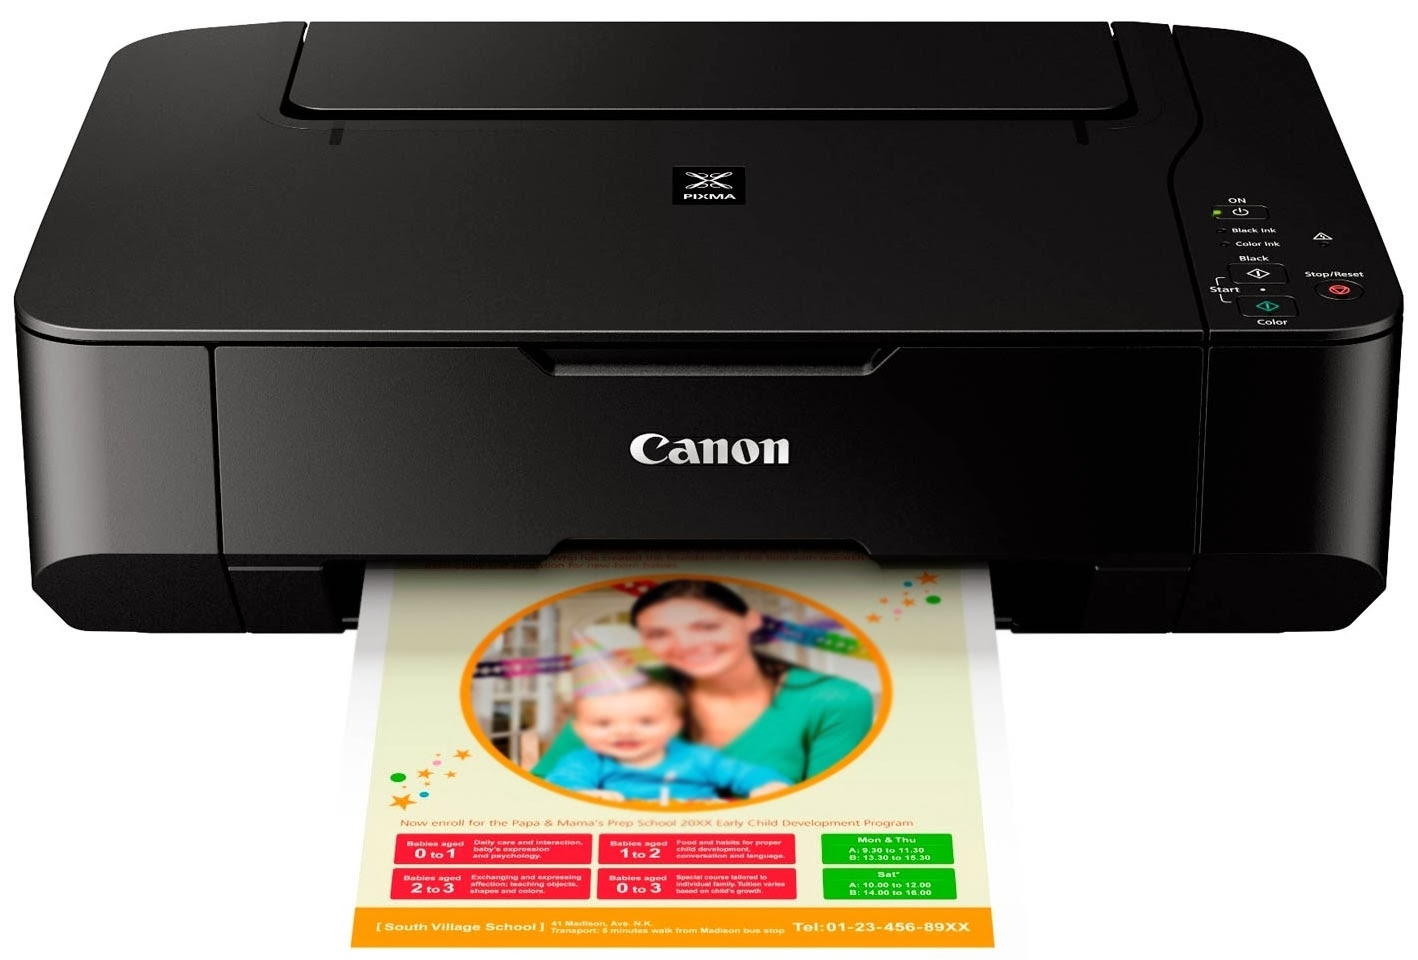 Принтер xerox как сделать копию с двух сторон8